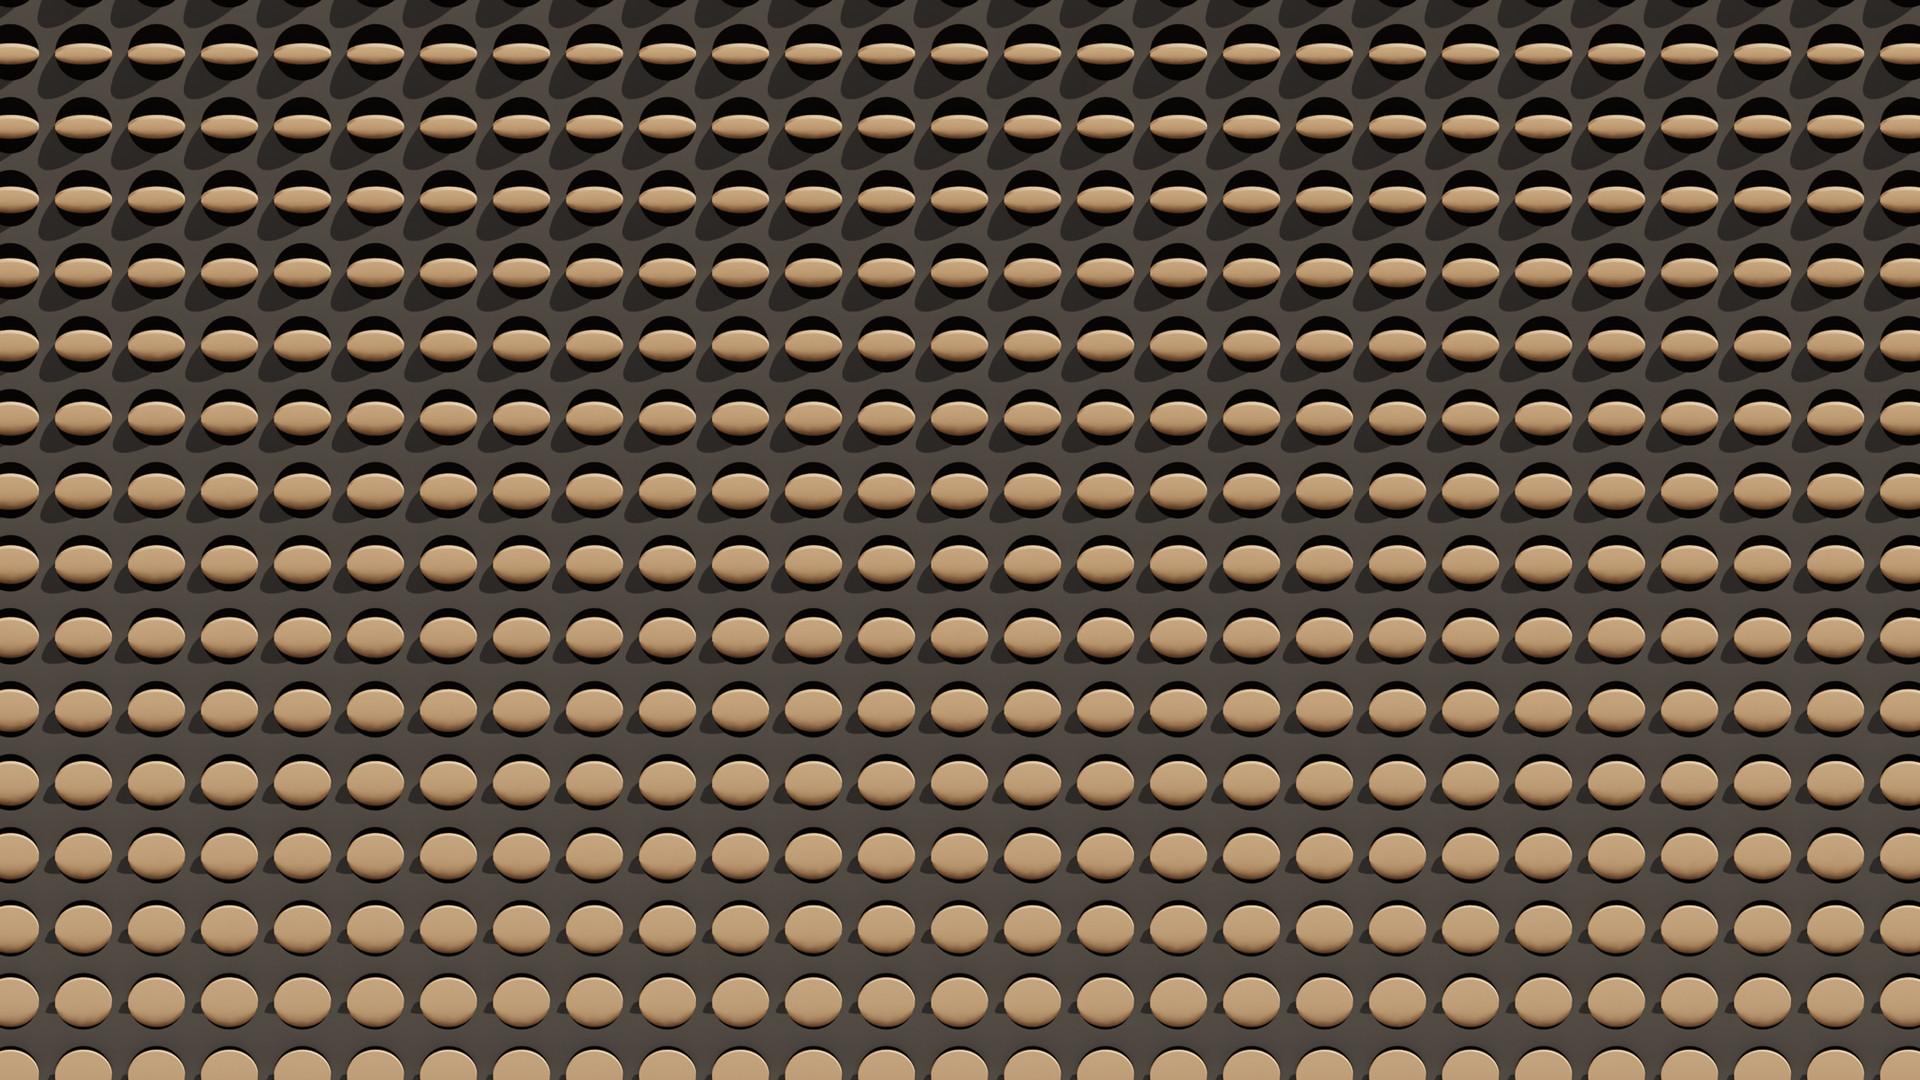 Rotated Circle Pattern